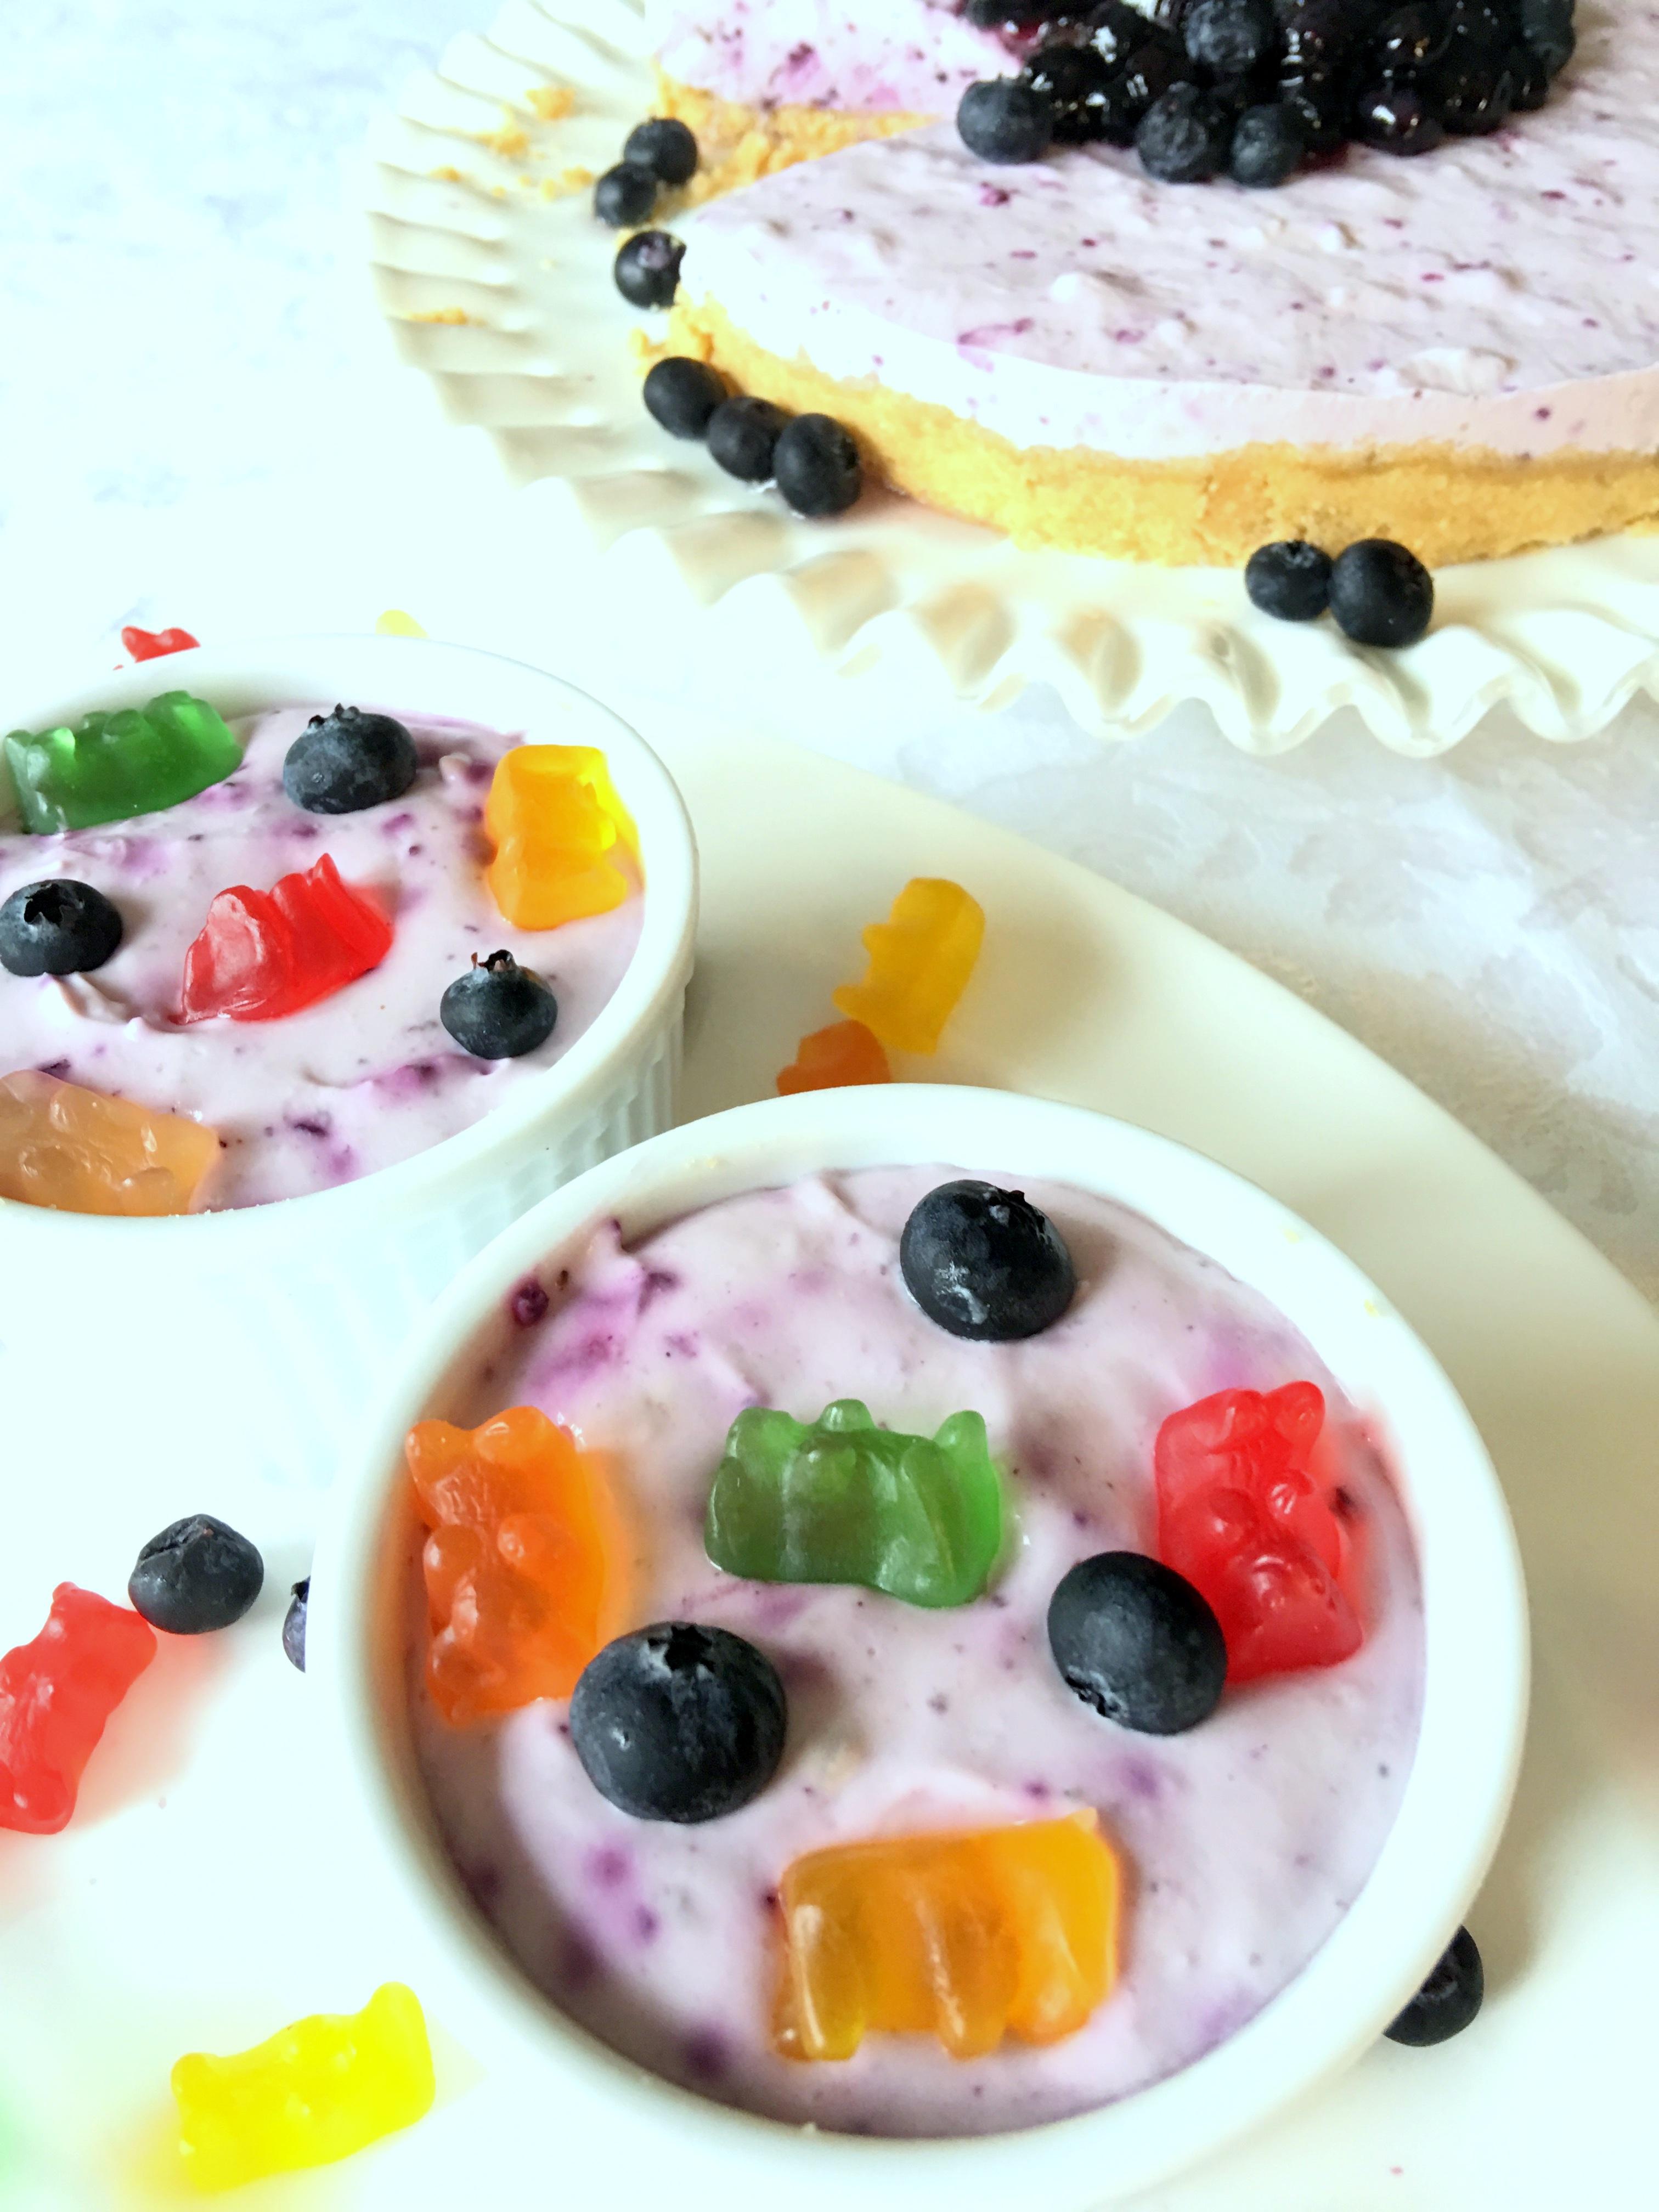 2016-10-03-12.40.56 Children Love Frozen Blueberry Yogurt Dessert